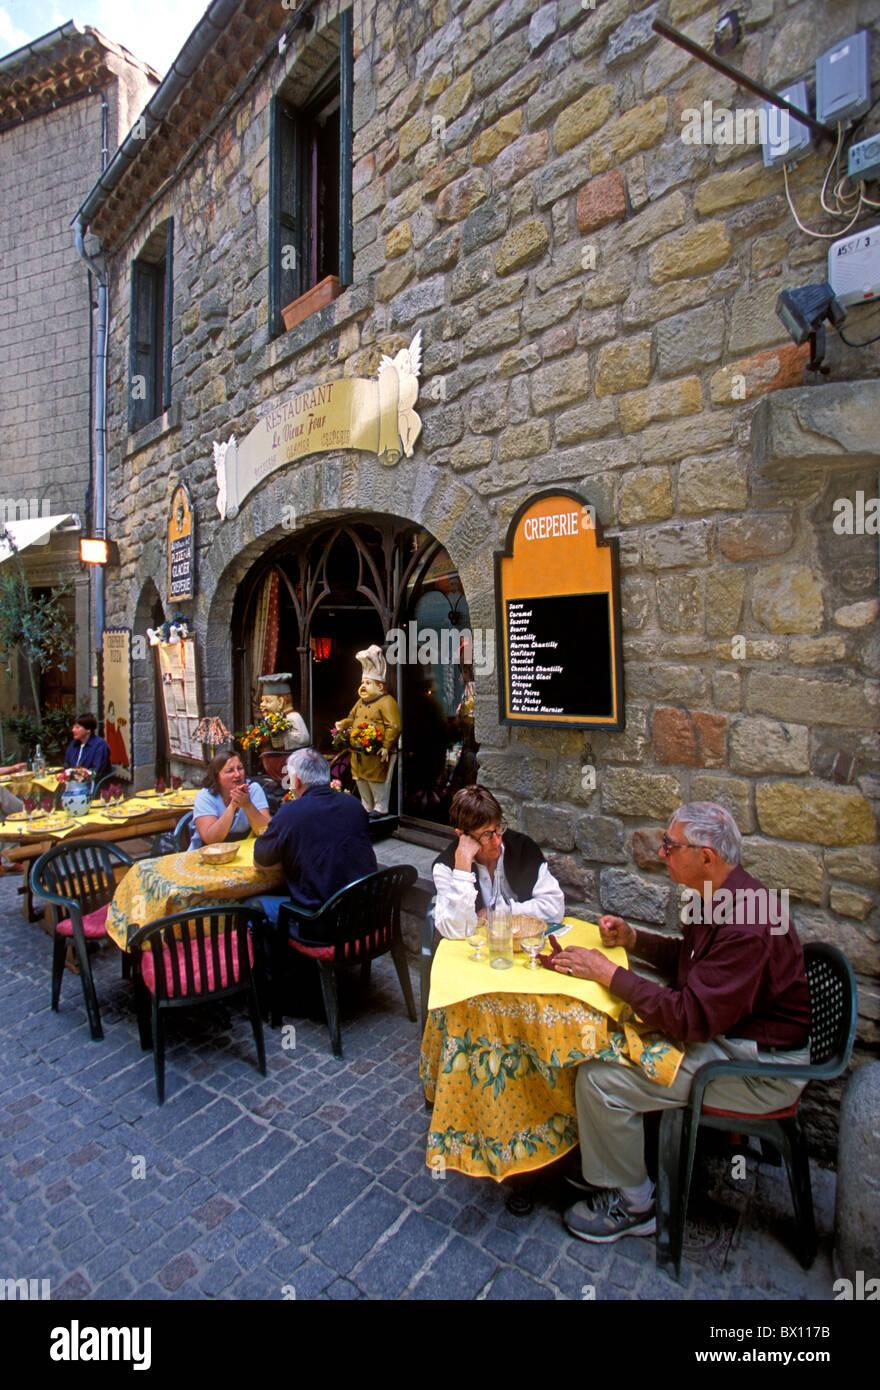 Französisches Restaurant, Crêperie, Le Vieux Four, französische ...